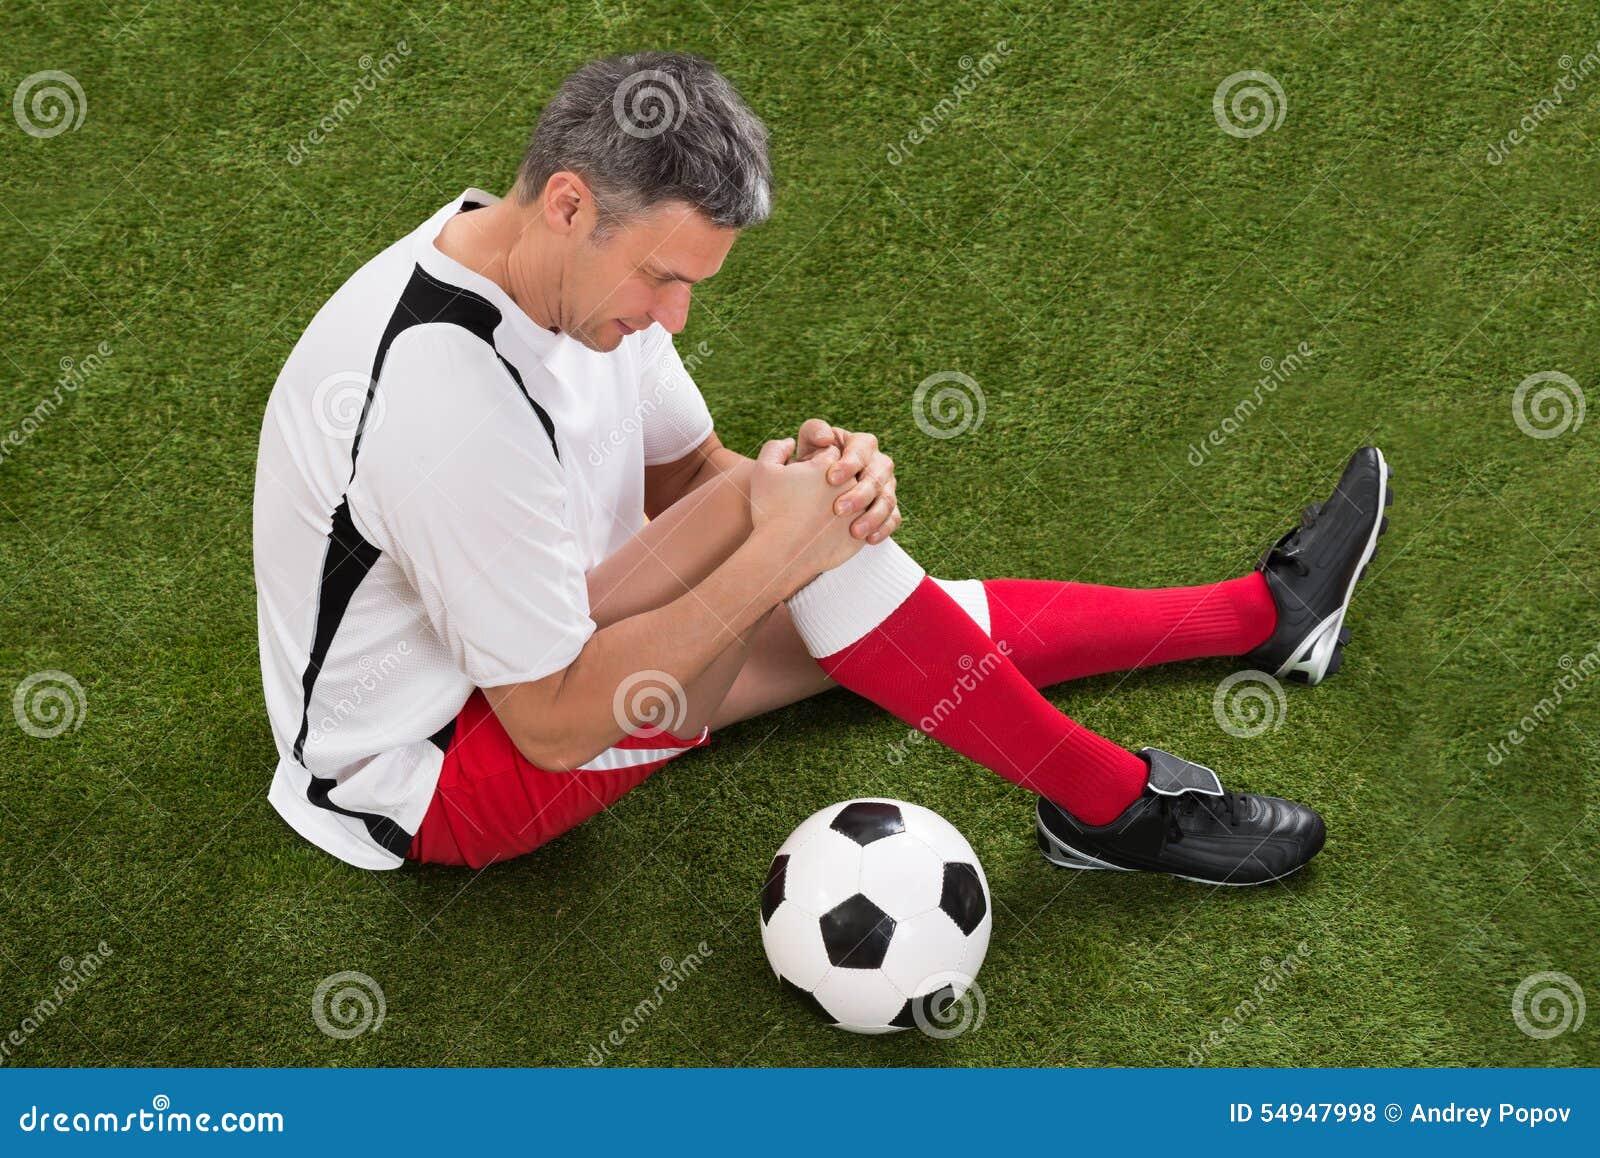 Ποδοσφαιριστής με τον τραυματισμό στο γόνατο